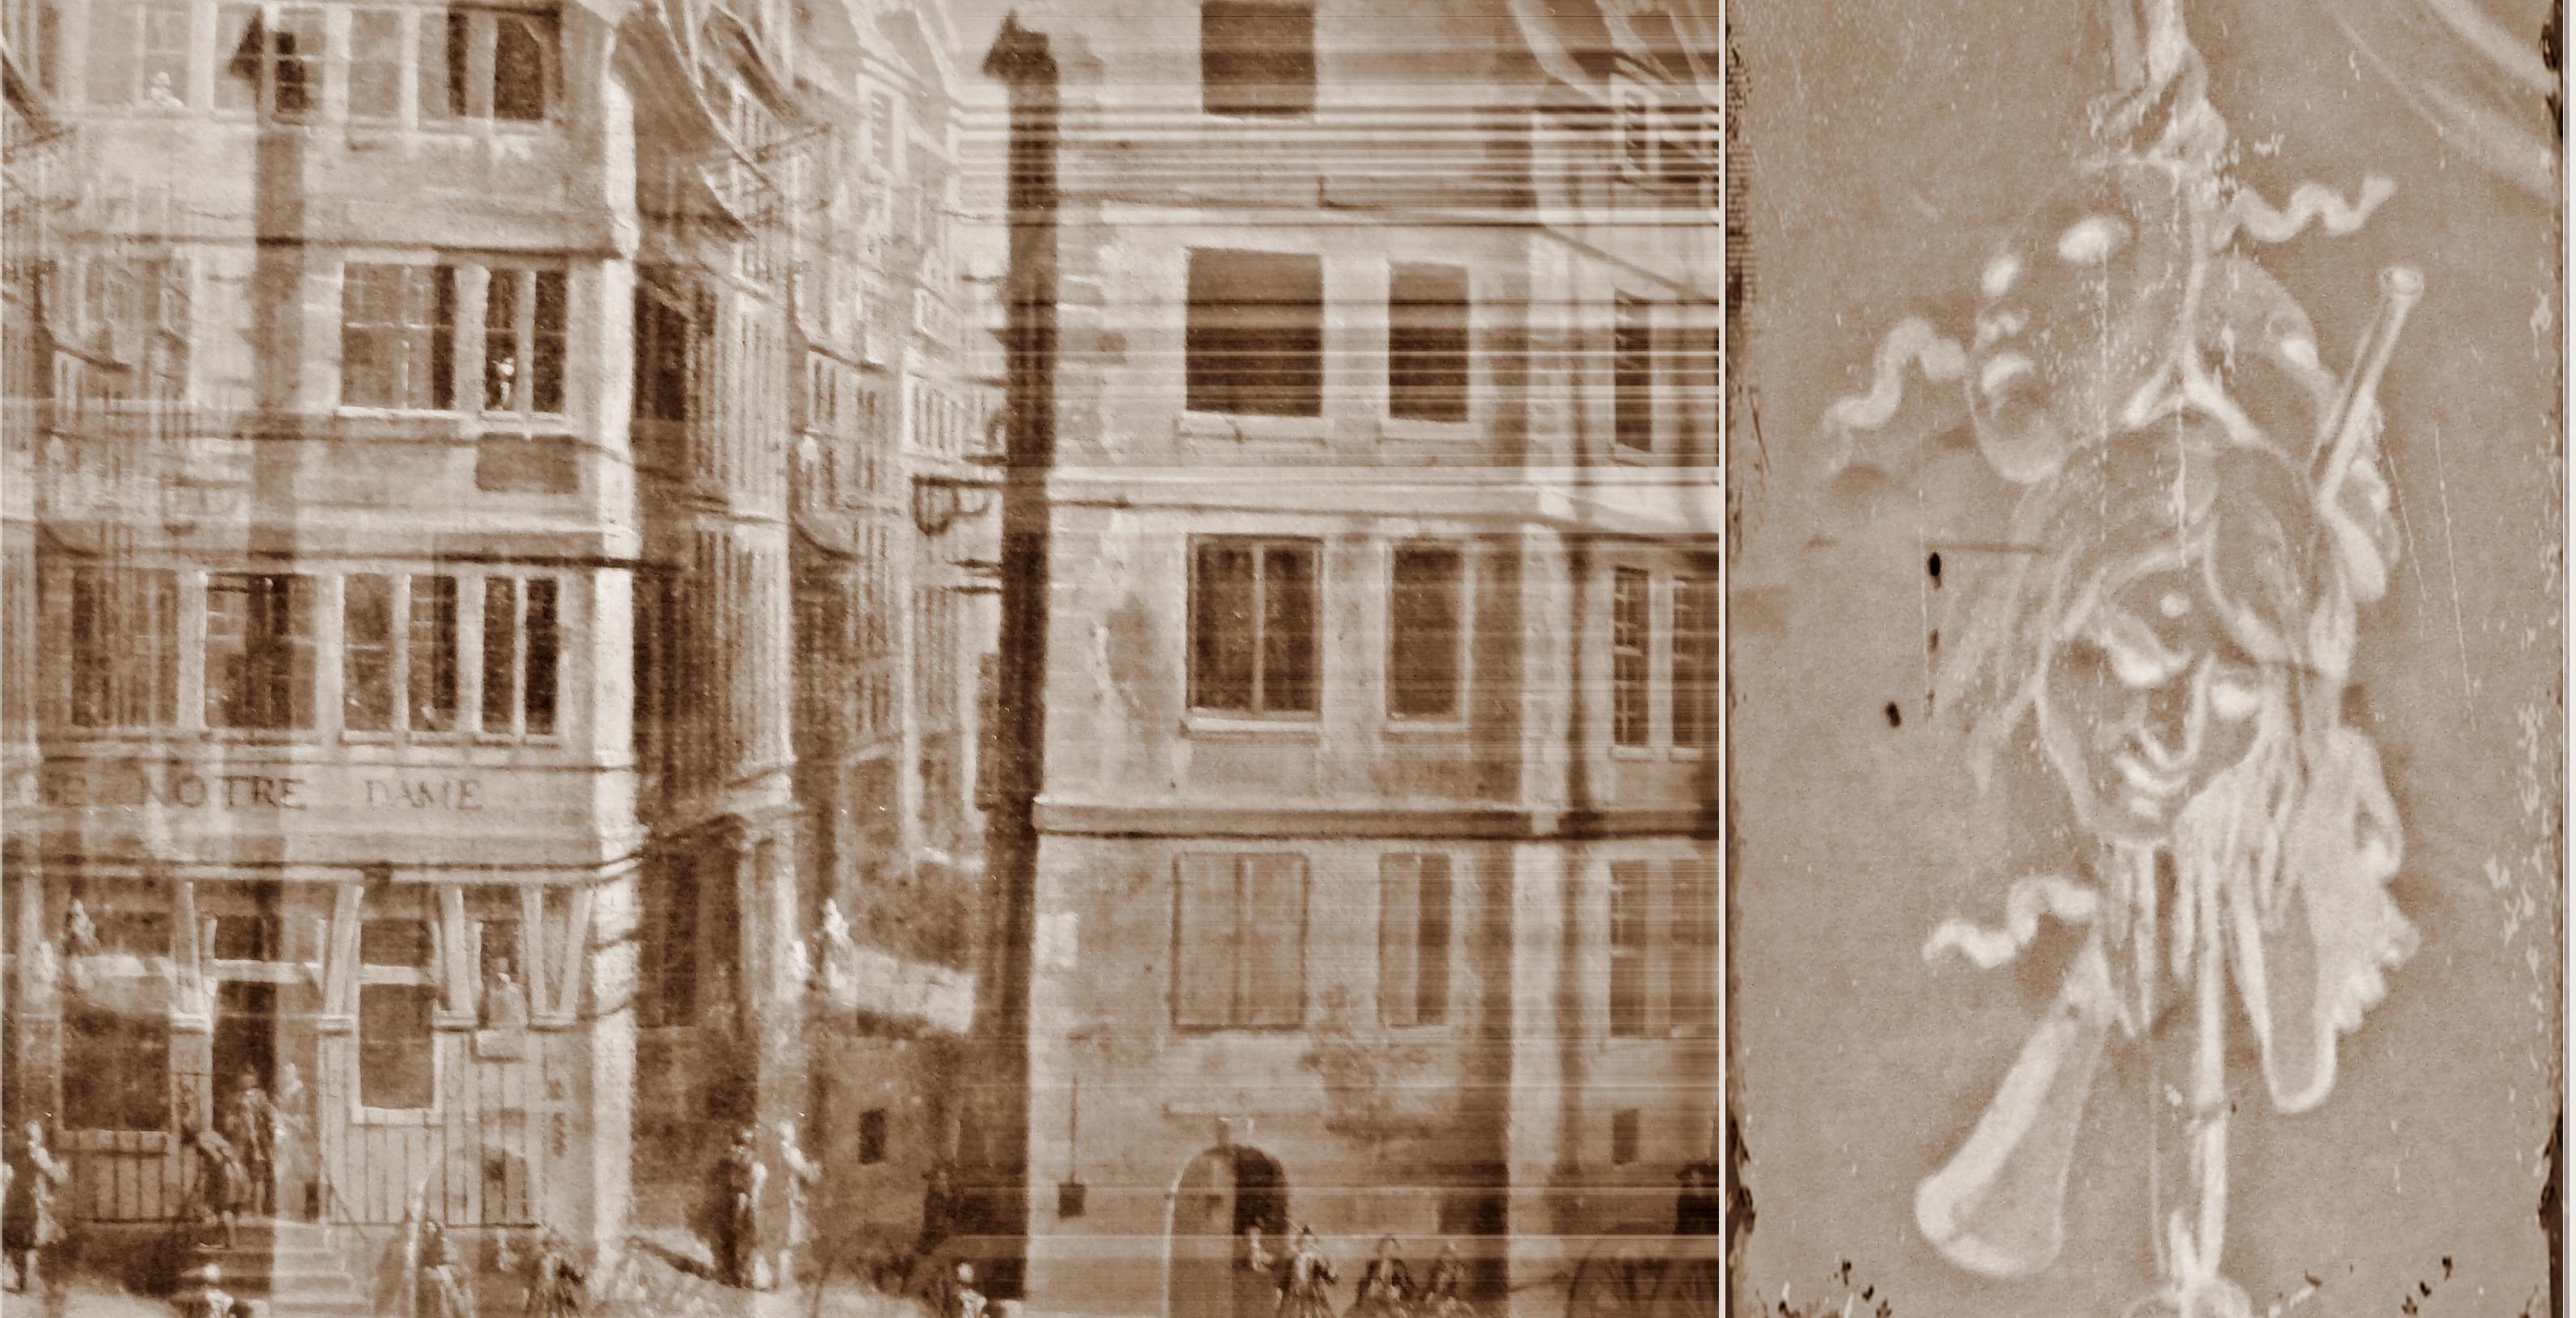 Appel à contribution: Molière et ses successeurs. La vie quotidienne du théâtre (XVIIe-XVIIIe siècles)